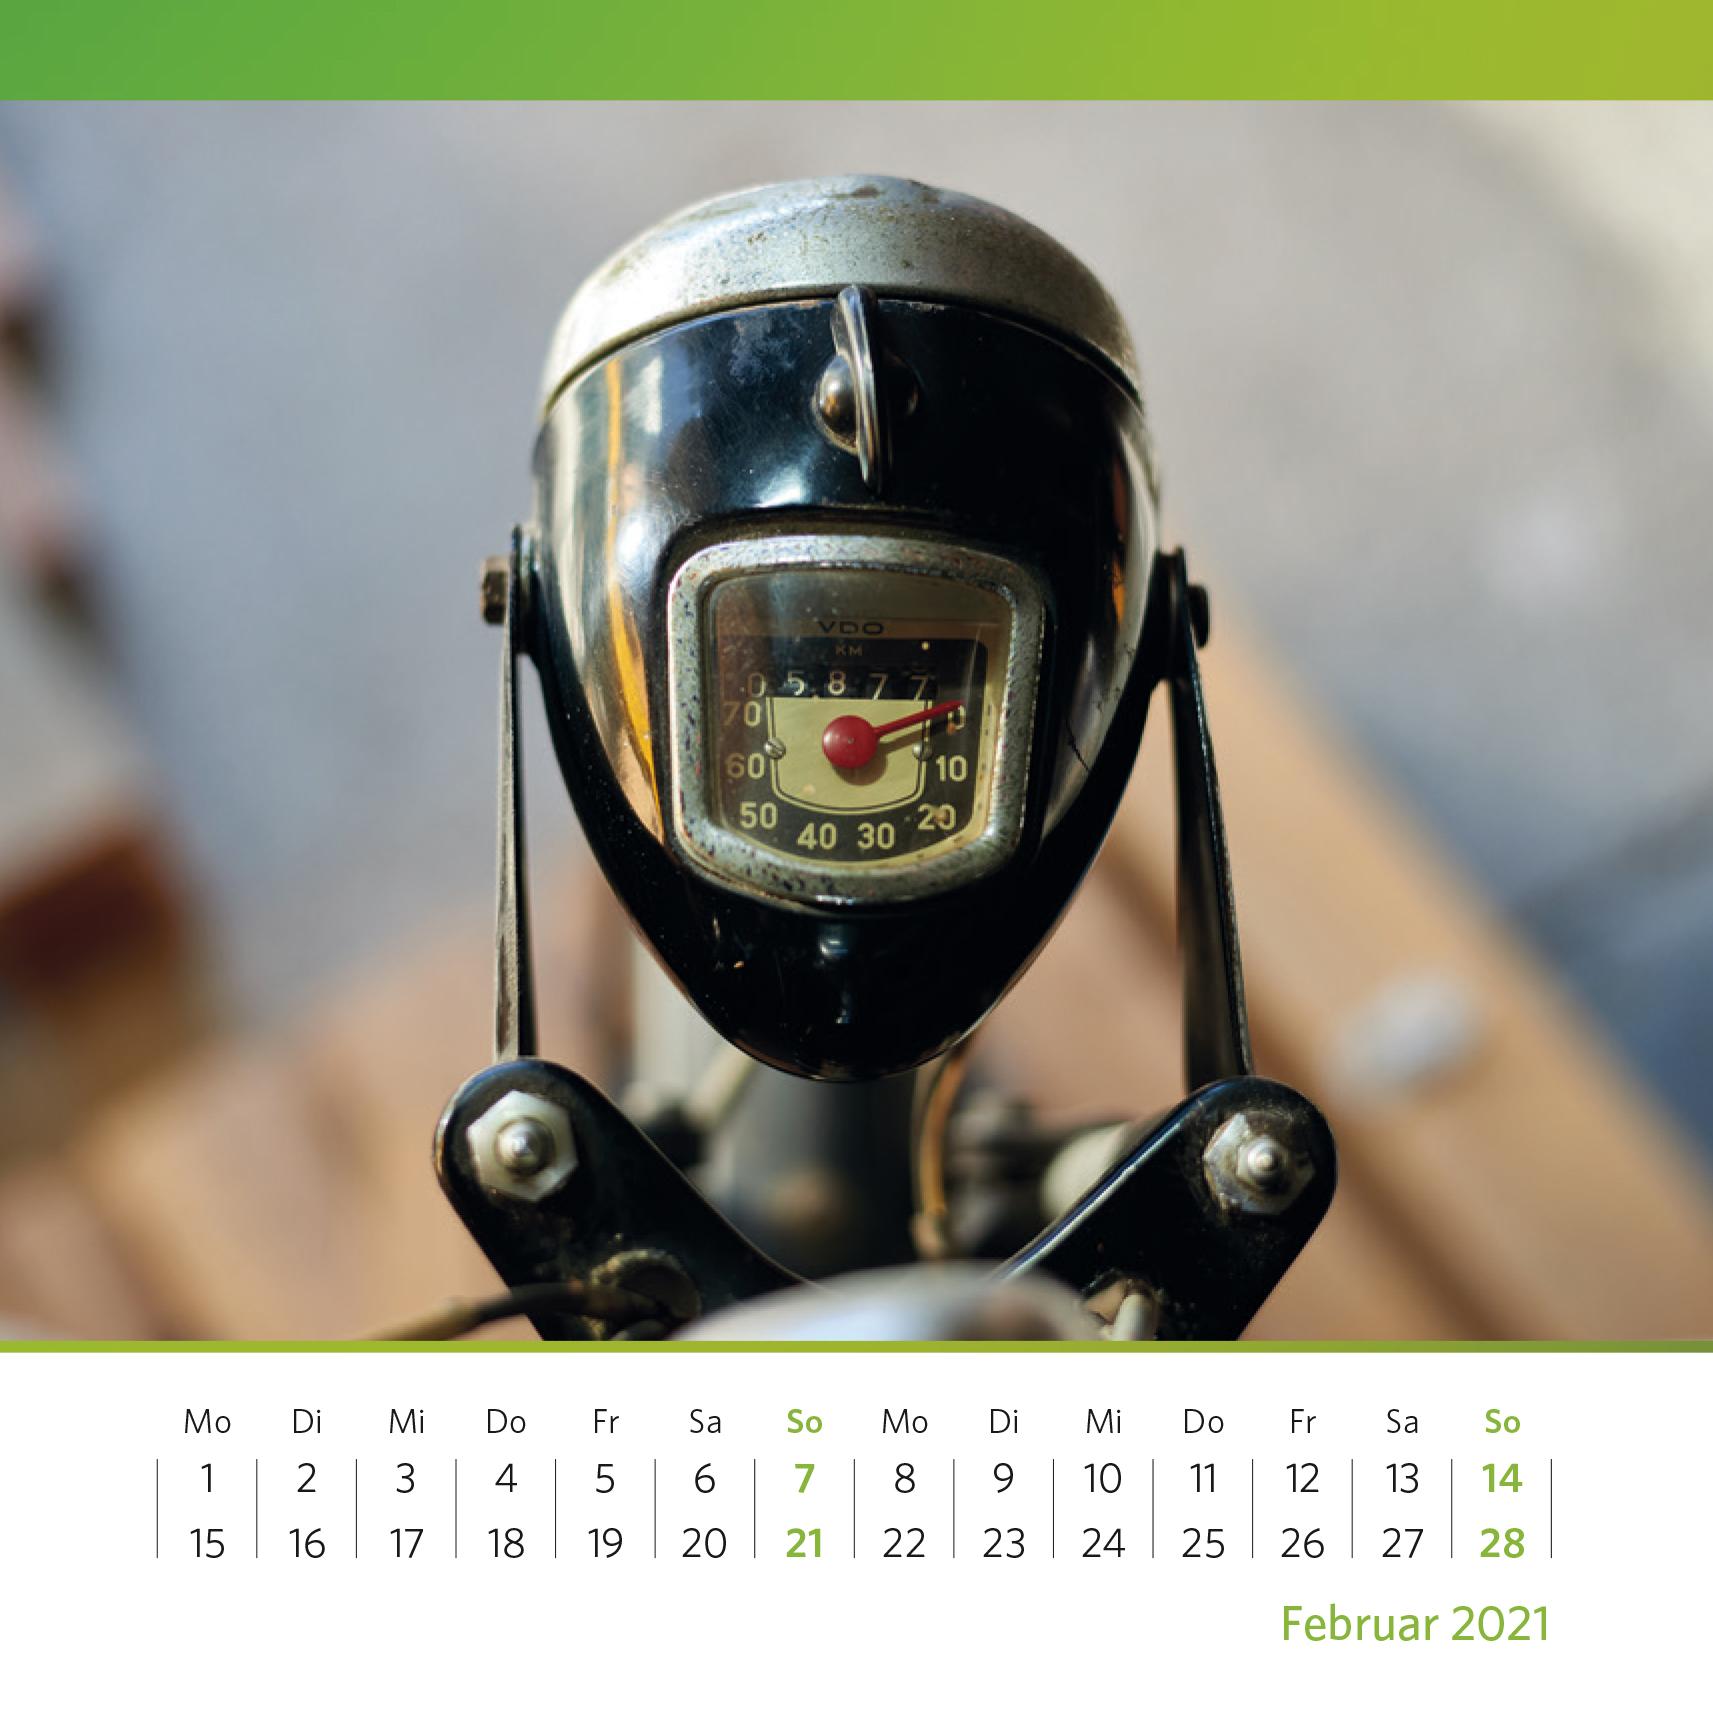 Zu schnell oder im grünen Bereich? Motorradlampe mit eingebautem Tachometer, 1953–1960. Foto: Oliver Kolken